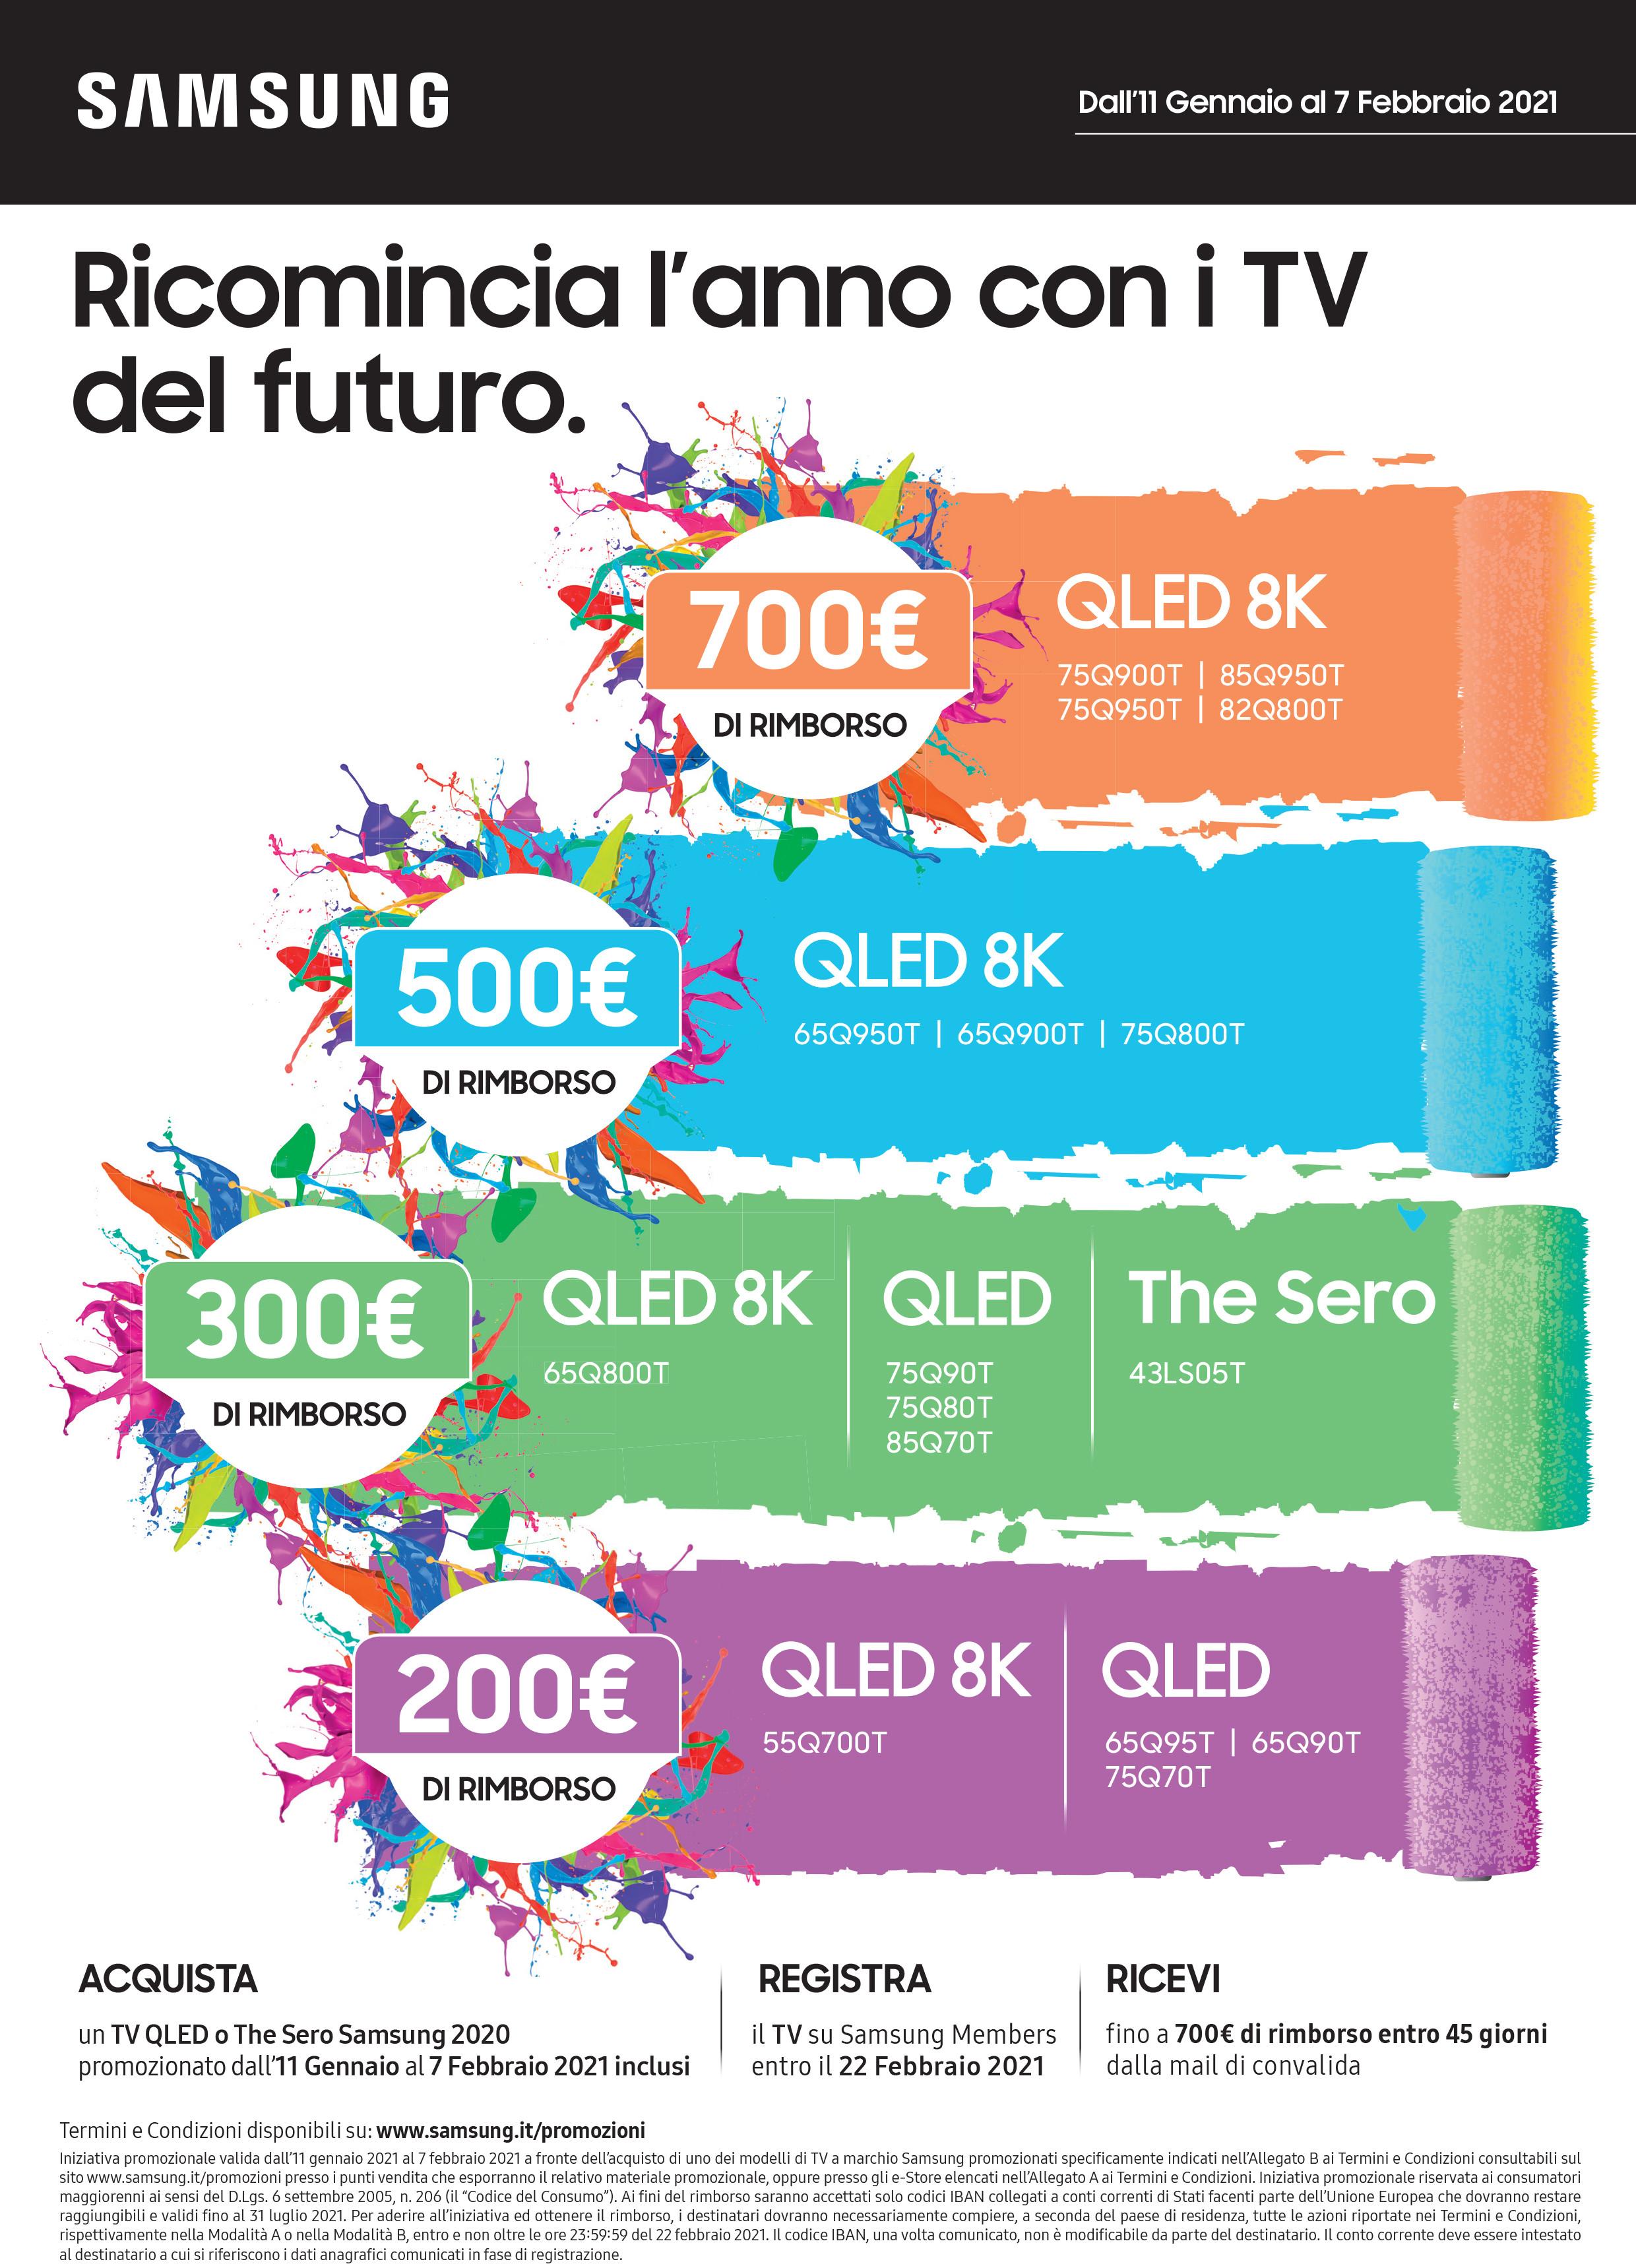 RICOMINCIA L'ANNO CON I TV DEL FUTURO.jpg